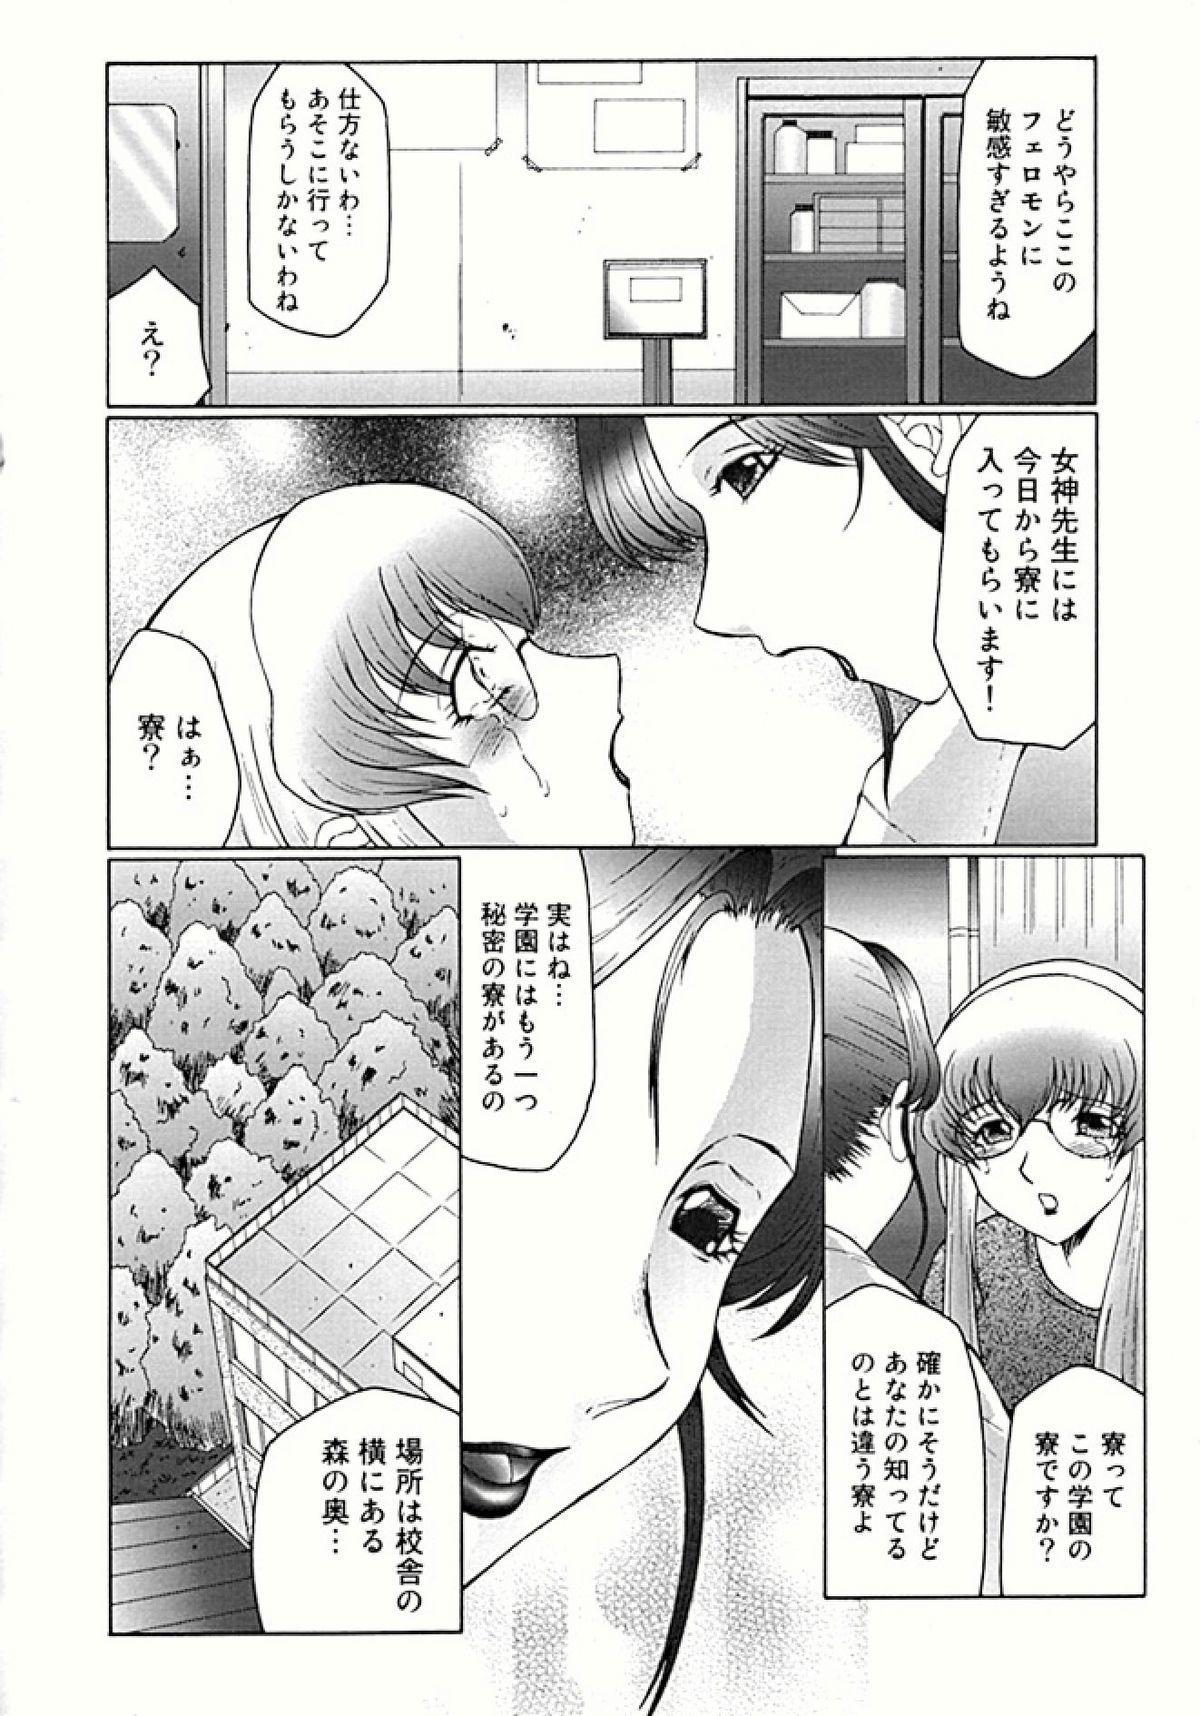 Futagami - Futanari Onna Kyoushi Zecchou Hiroku 35